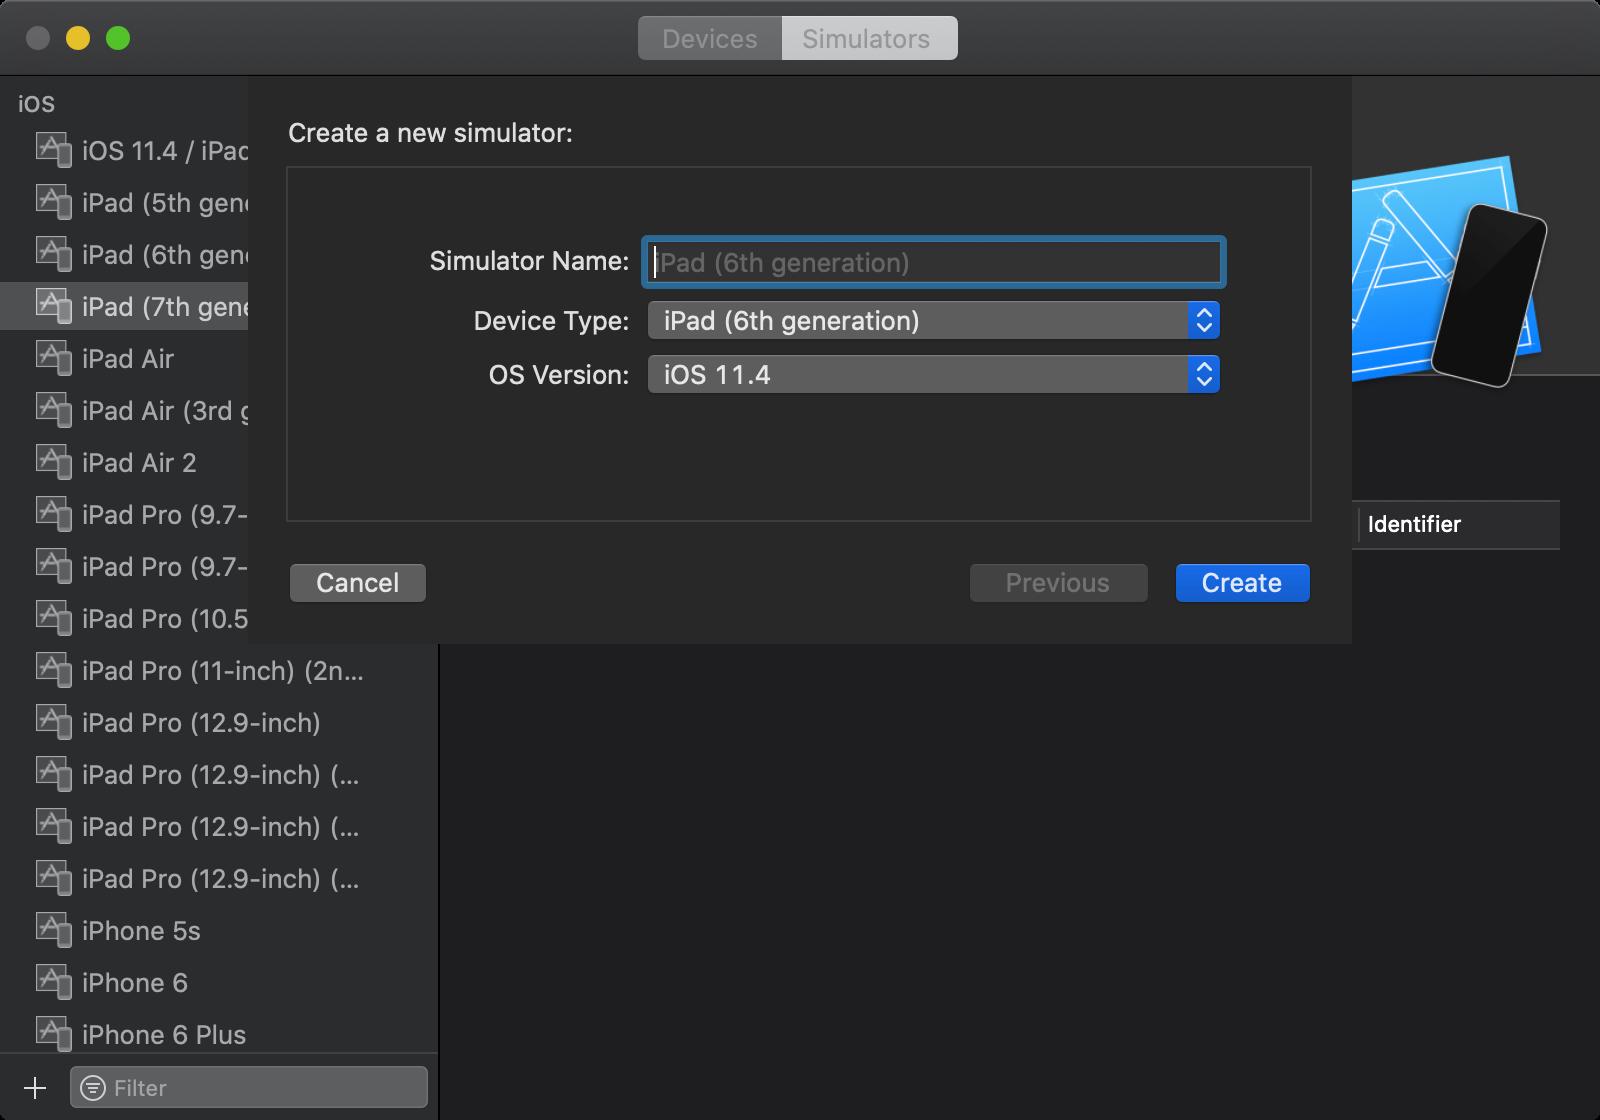 05_古いOSのシミュレータ追加画面.png